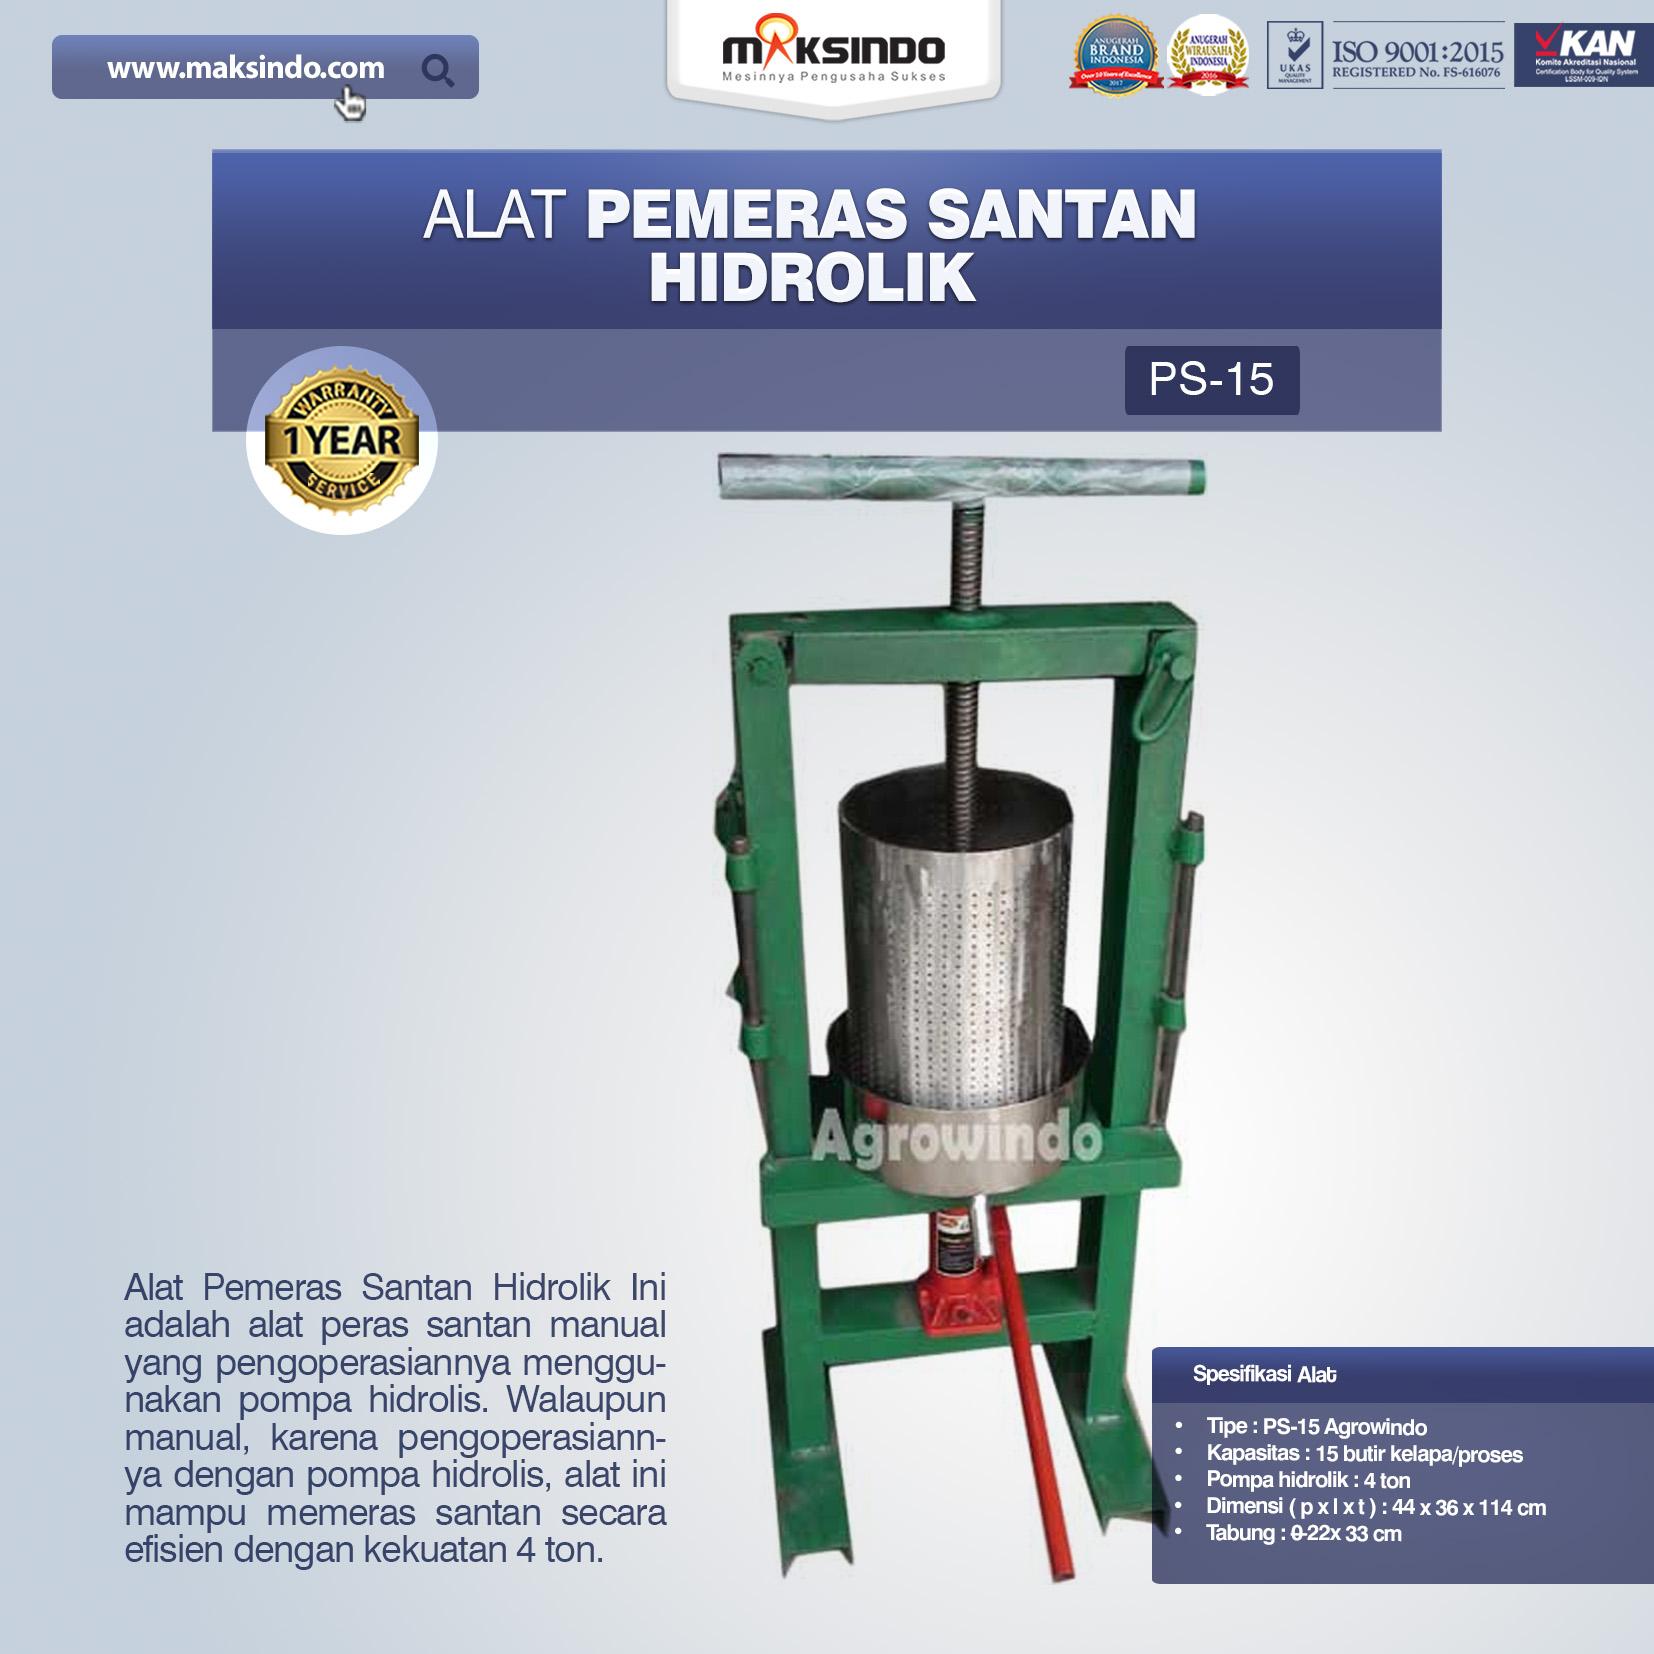 Jual Mesin Pemeras Santan di Bogor